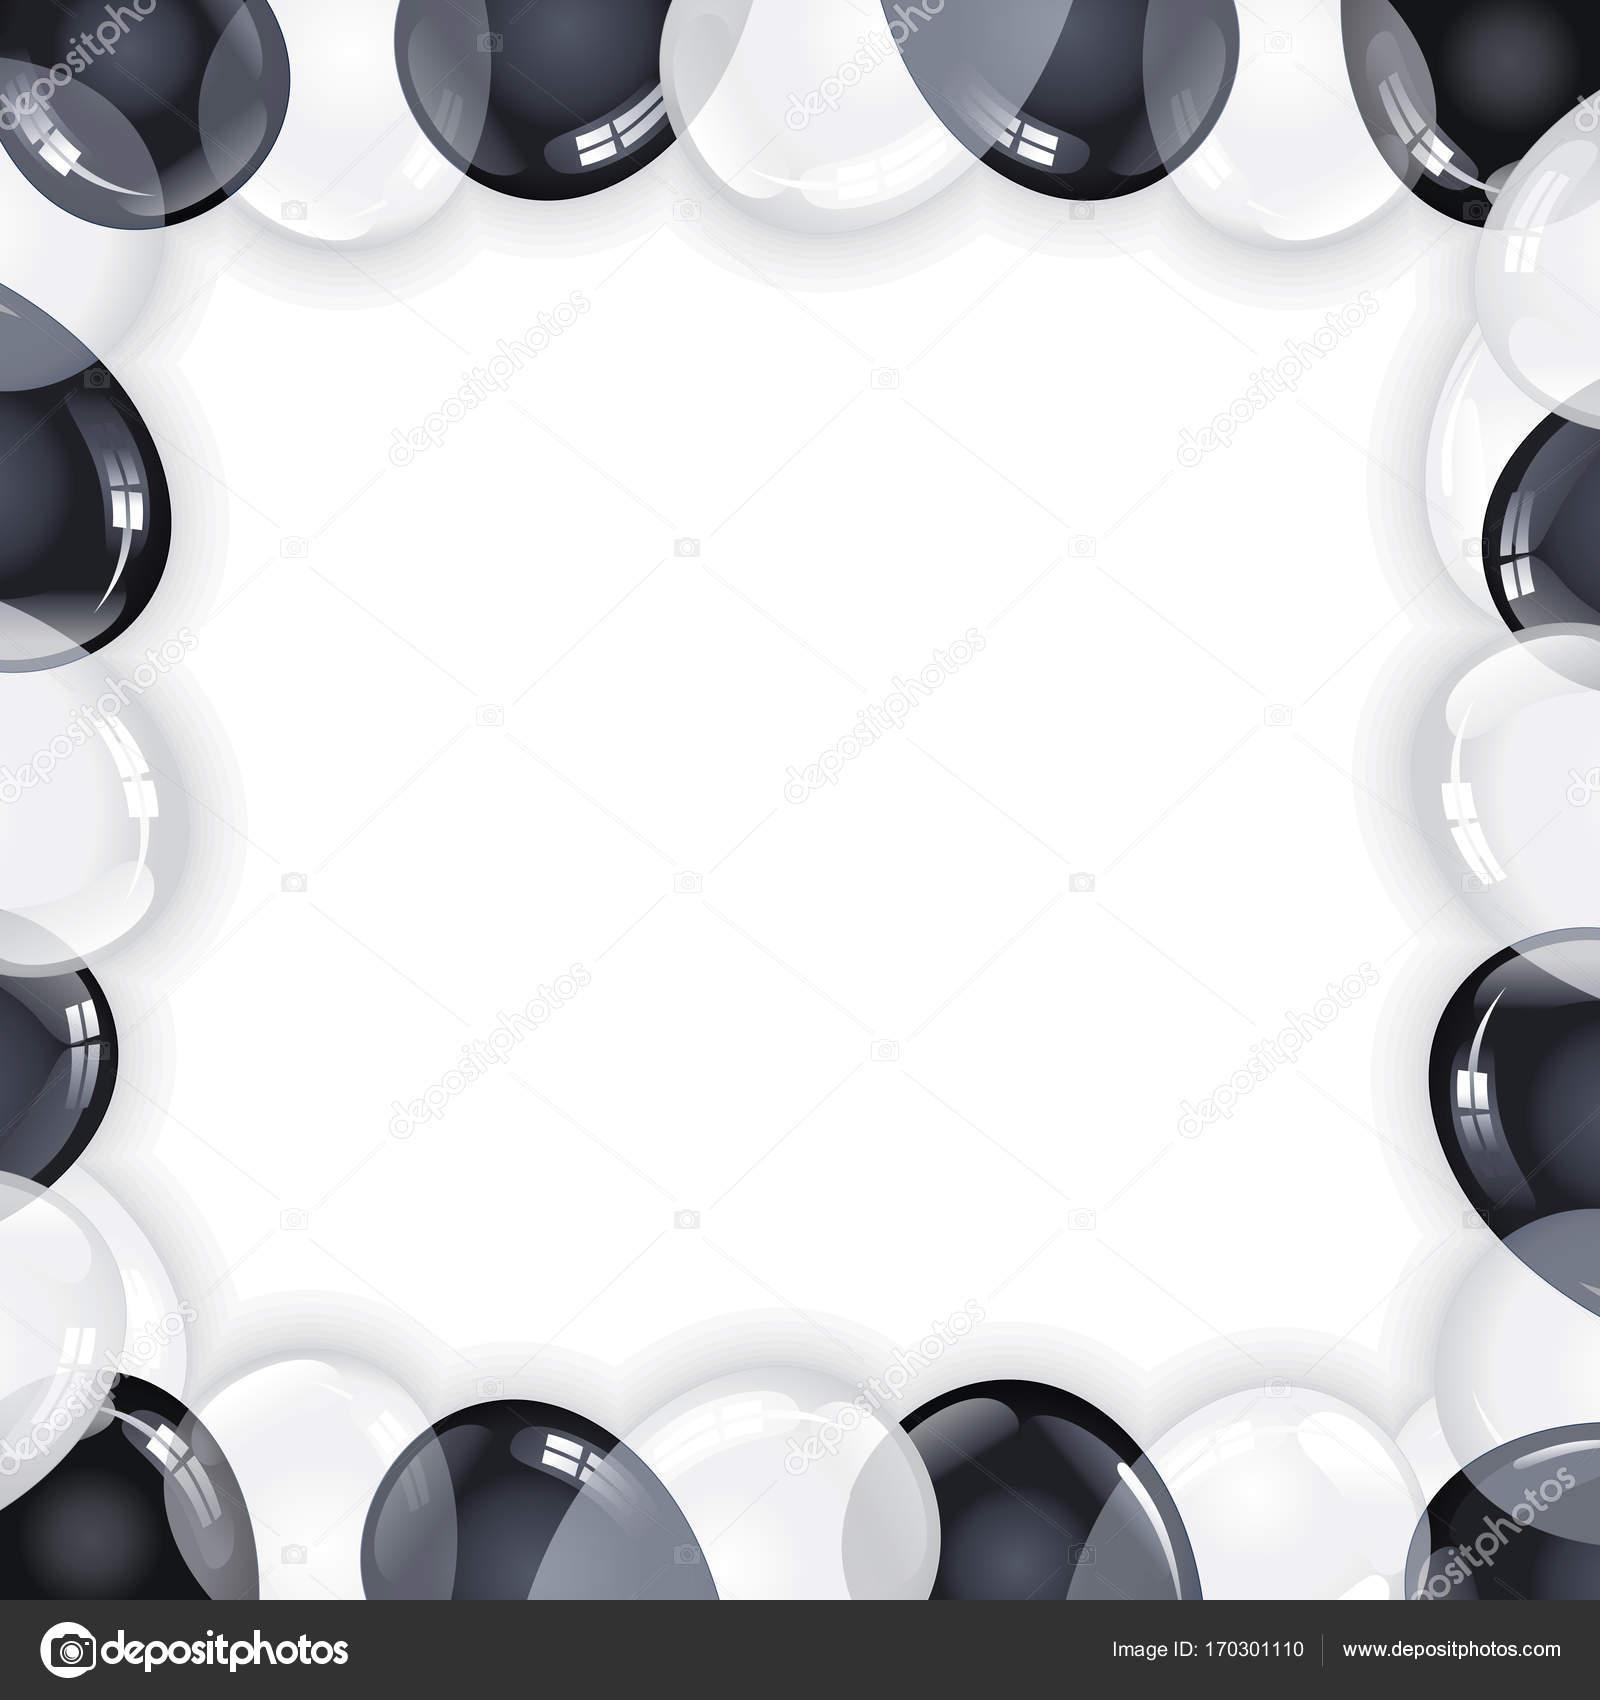 Schwarz weiße Ballons Feier Hintergrund — Stockfoto © PILart #170301110